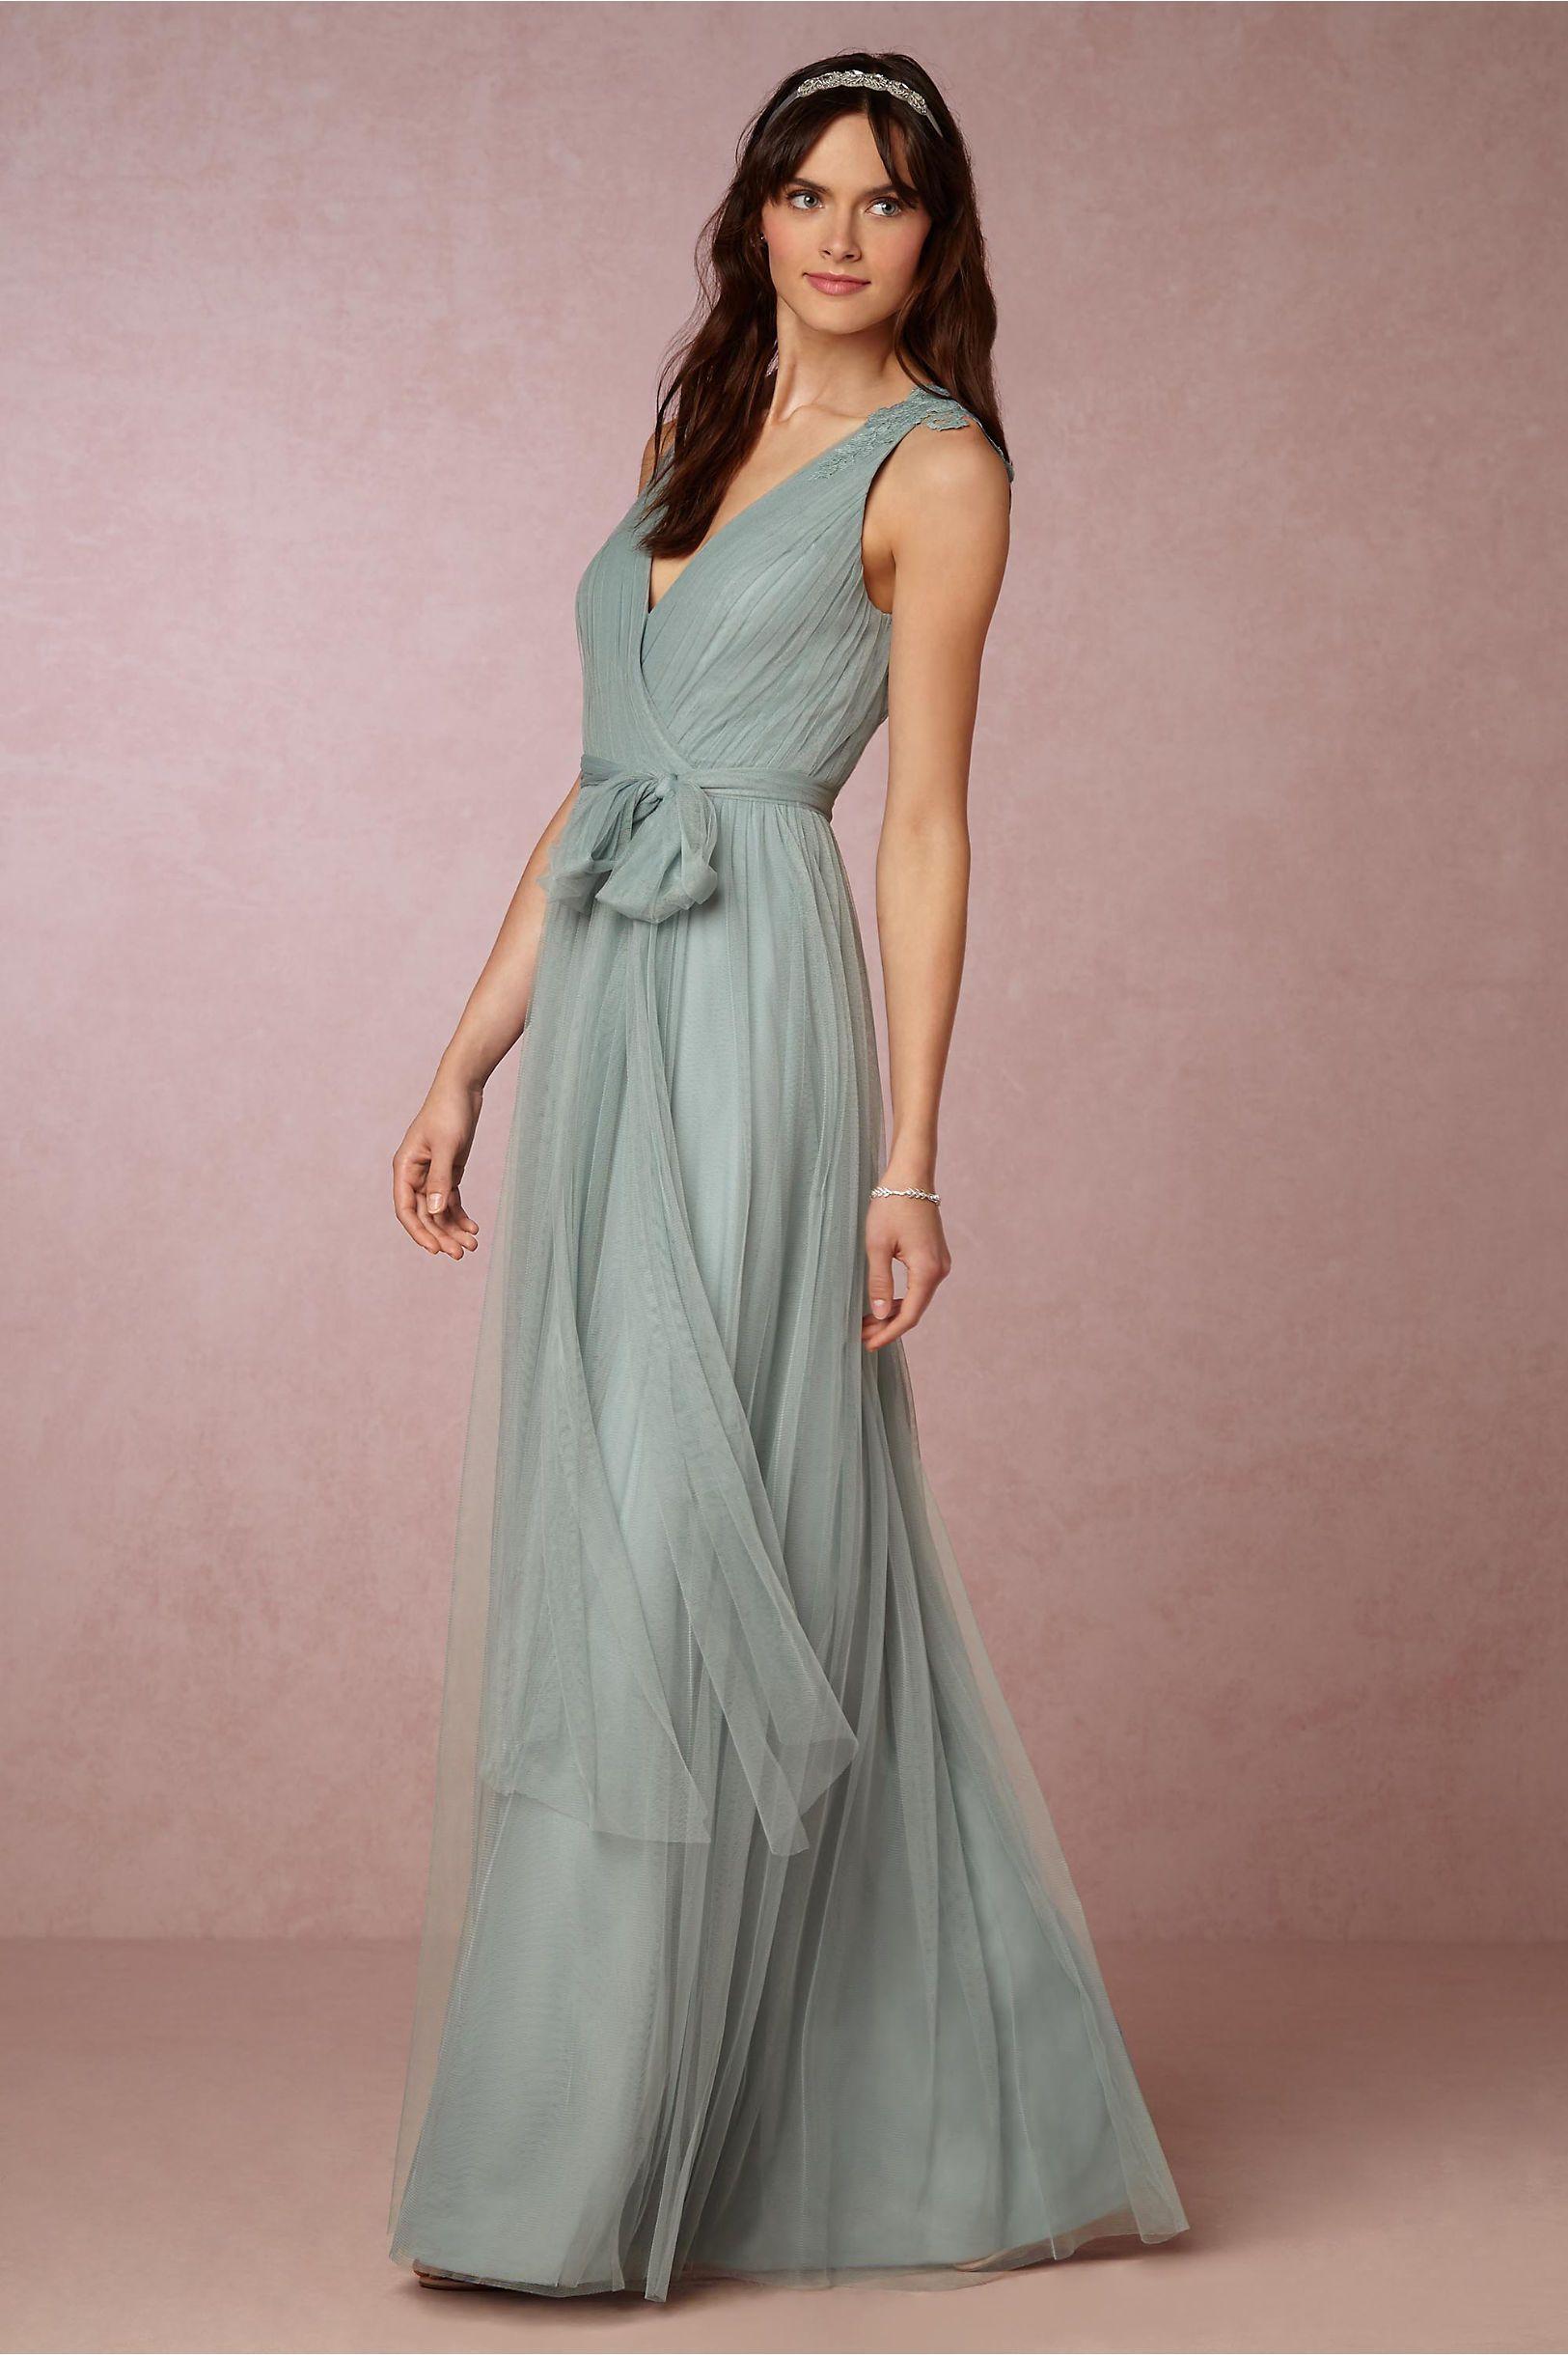 BHLDN Pippa Dress in Bridesmaids Bridesmaid Dresses at BHLDN ...